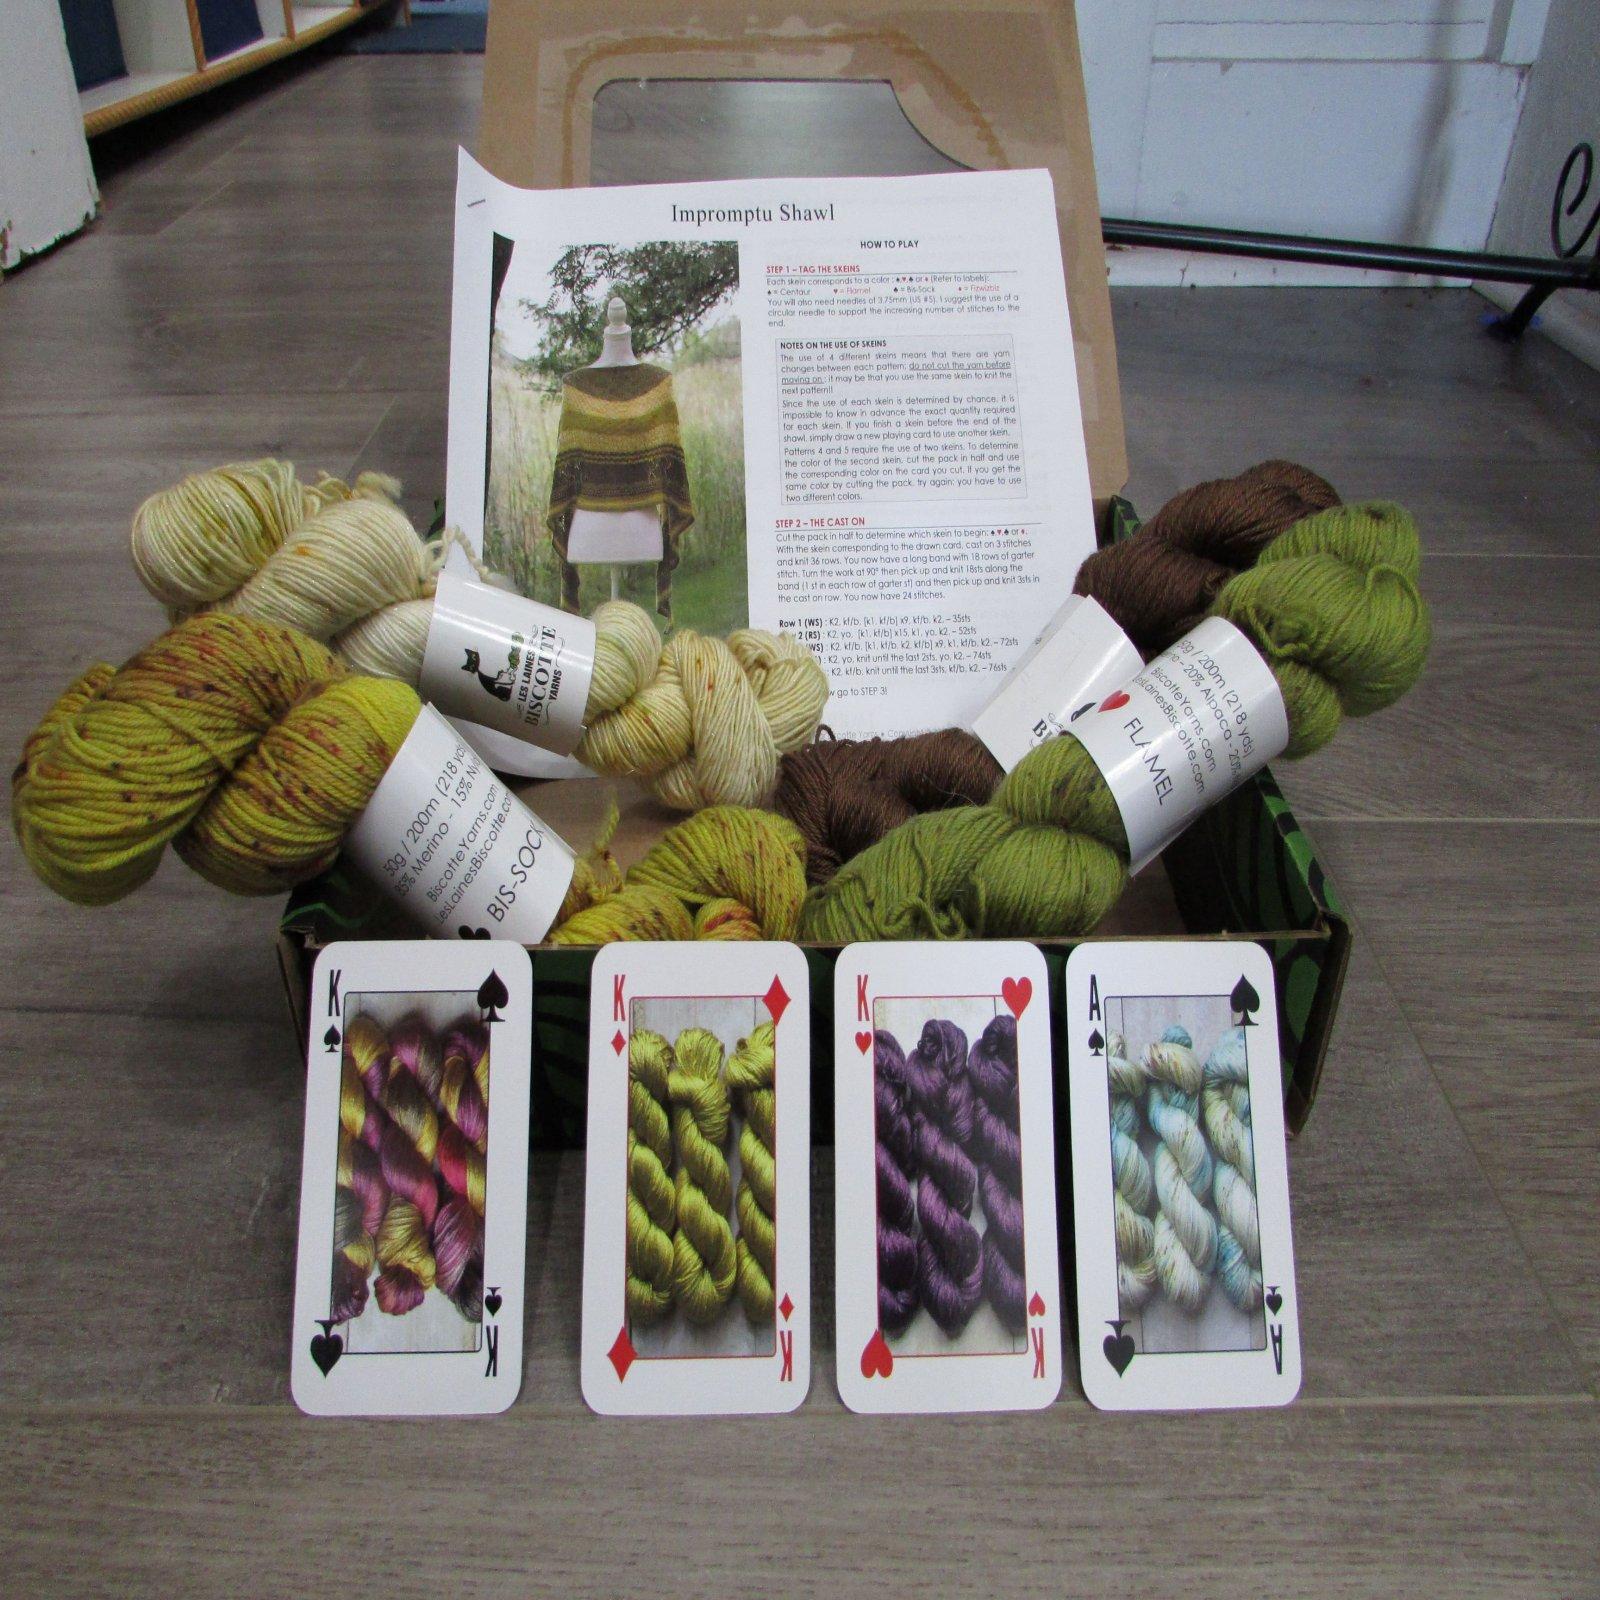 Biscotte Shawl Knitting Game Kit